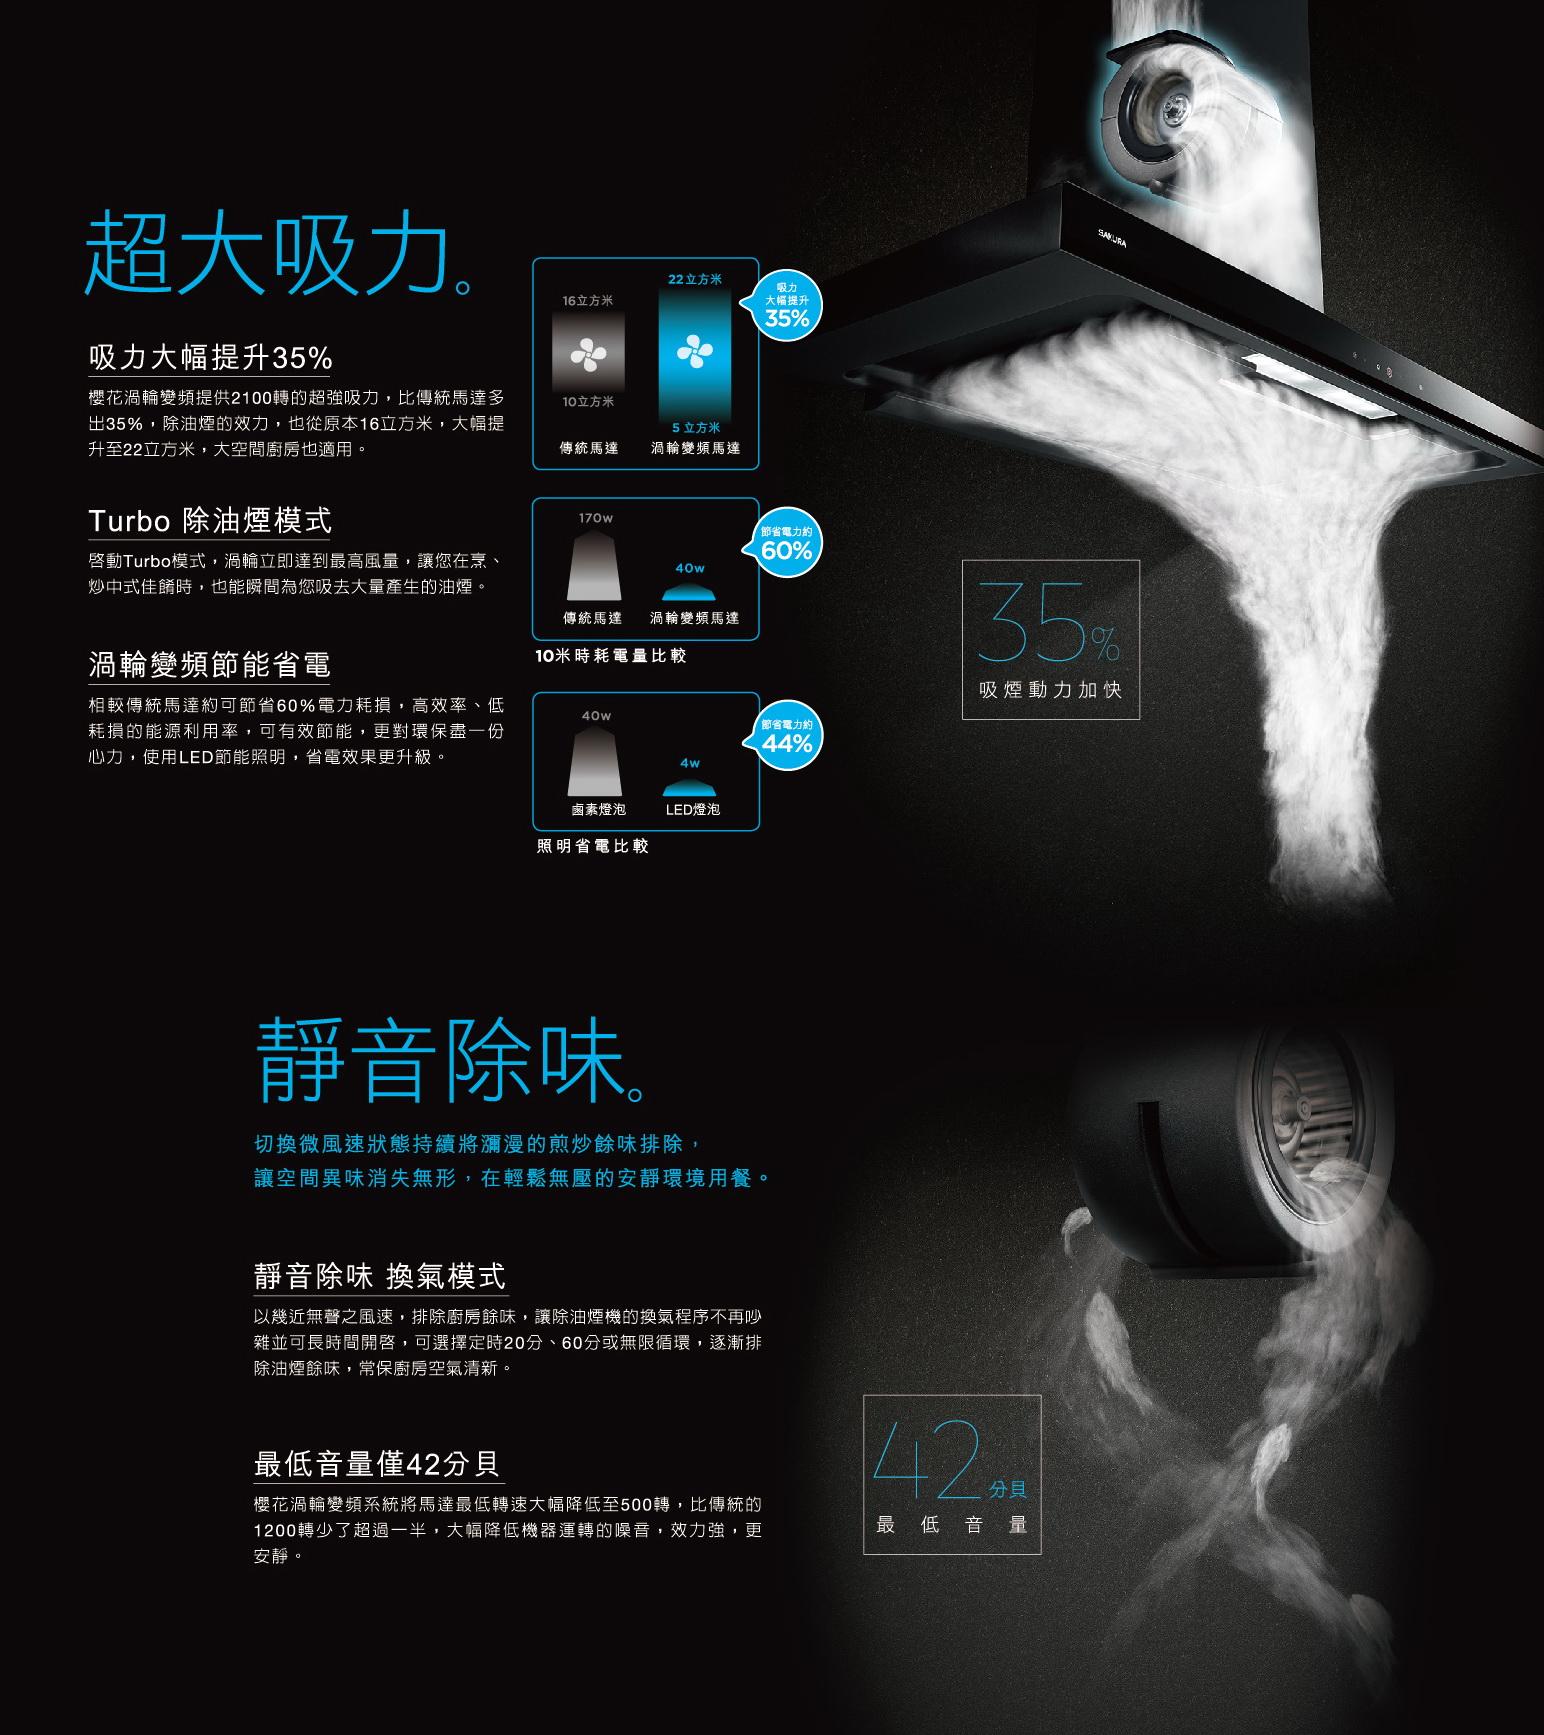 櫻花排油煙機DR7786A歐化除油煙機-渦輪變頻3D環吸.jpg